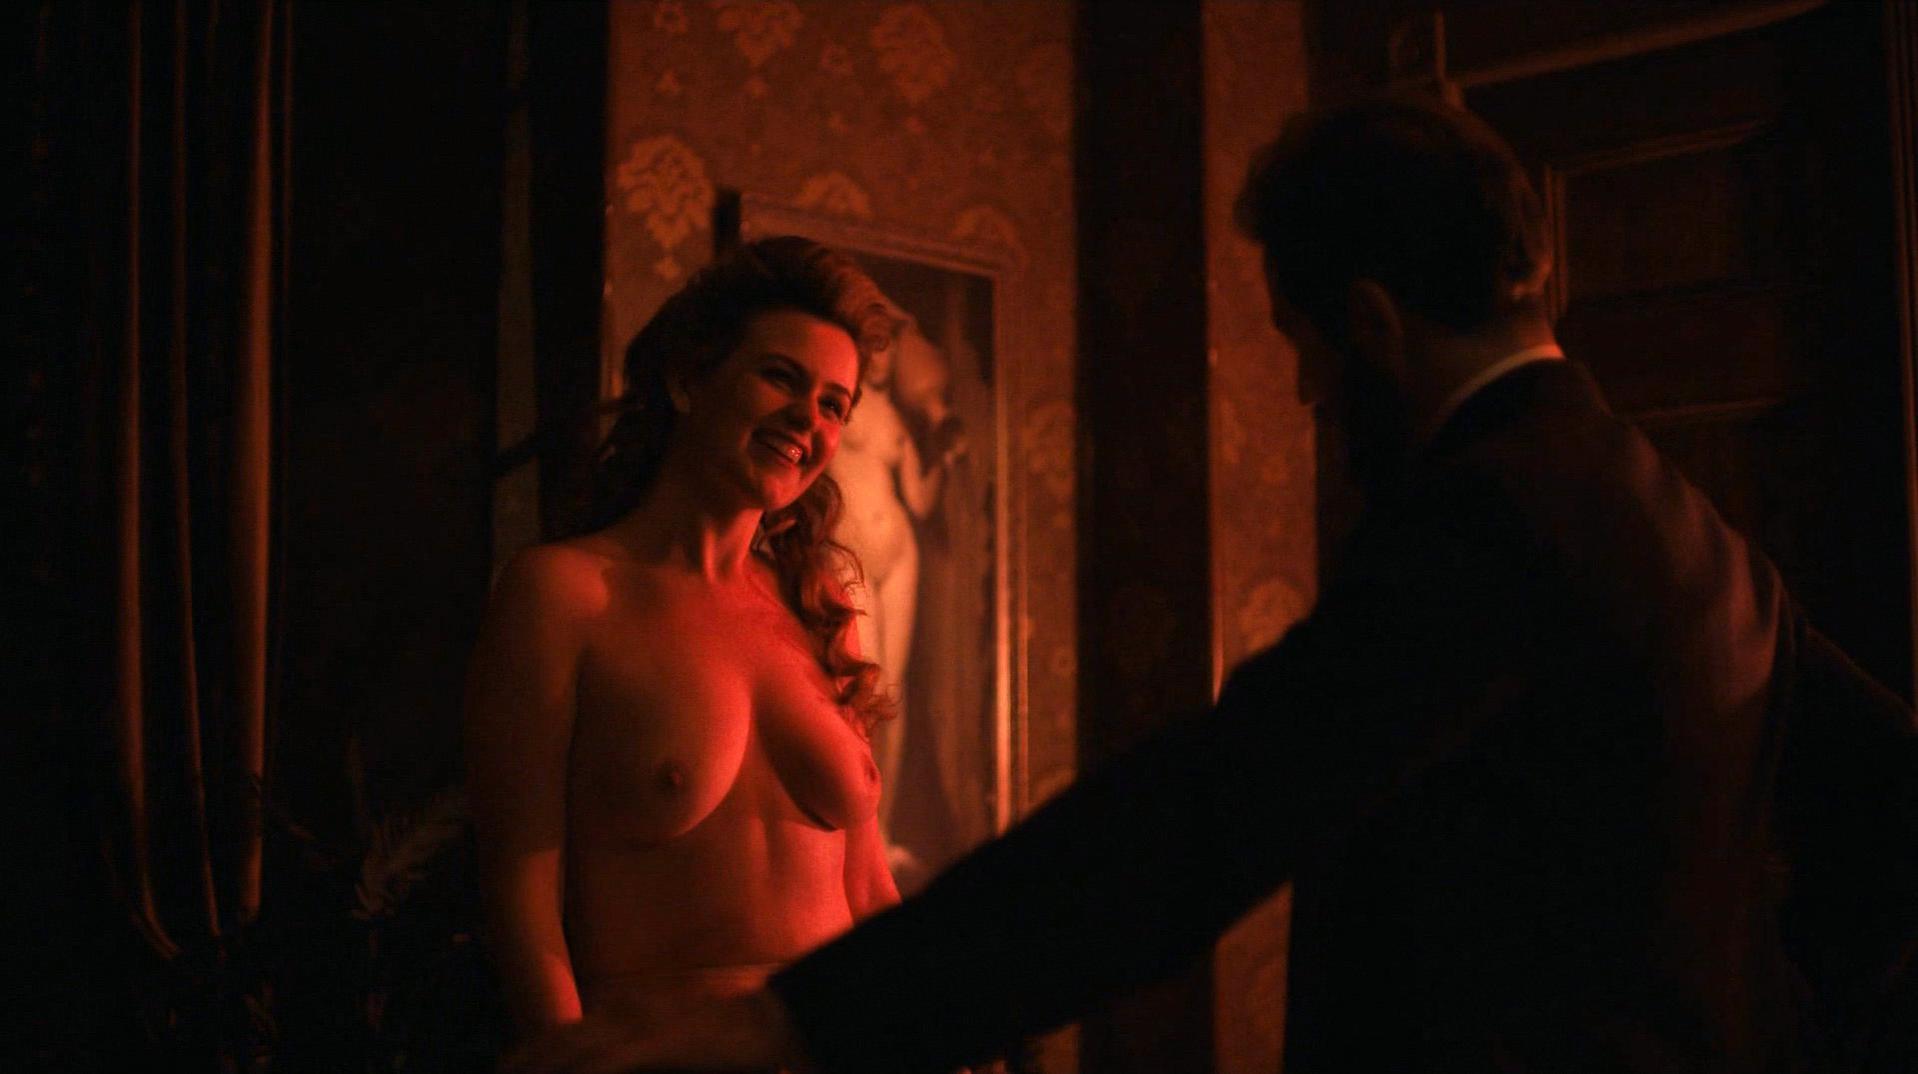 Rachel Annette Helson nude - The Knick s02e04 (2015)